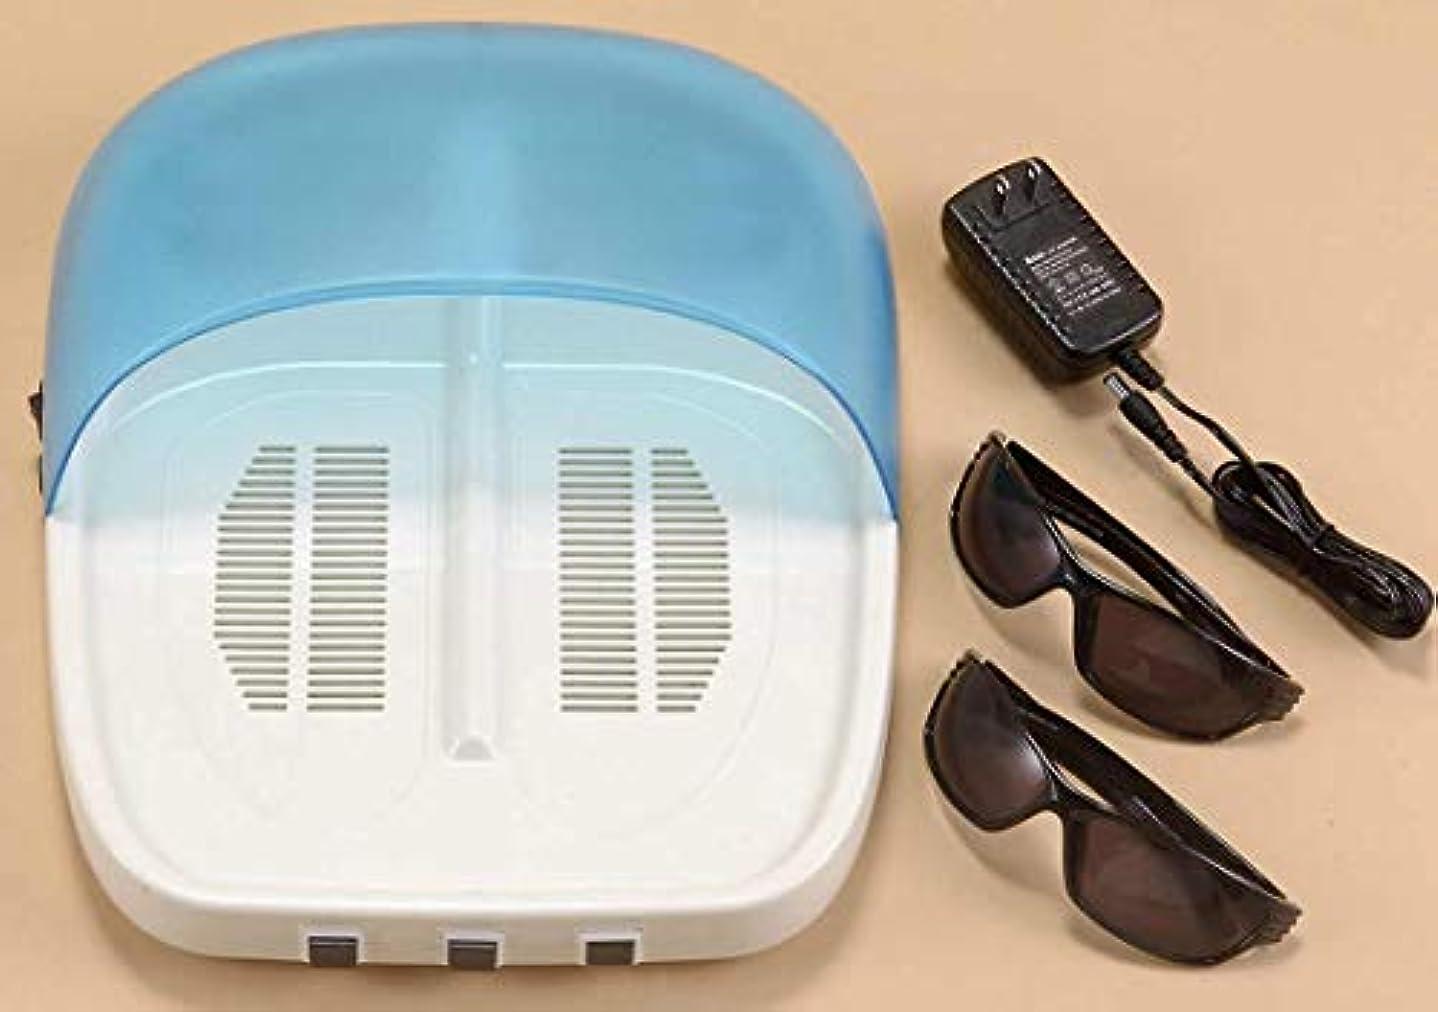 ポーター冷笑する外出【紫外線治療器 NEW UVフットケア 水虫治療器 両足】 NEW UVフットケア 家庭用紫外線治療器 CUV-5(B482)